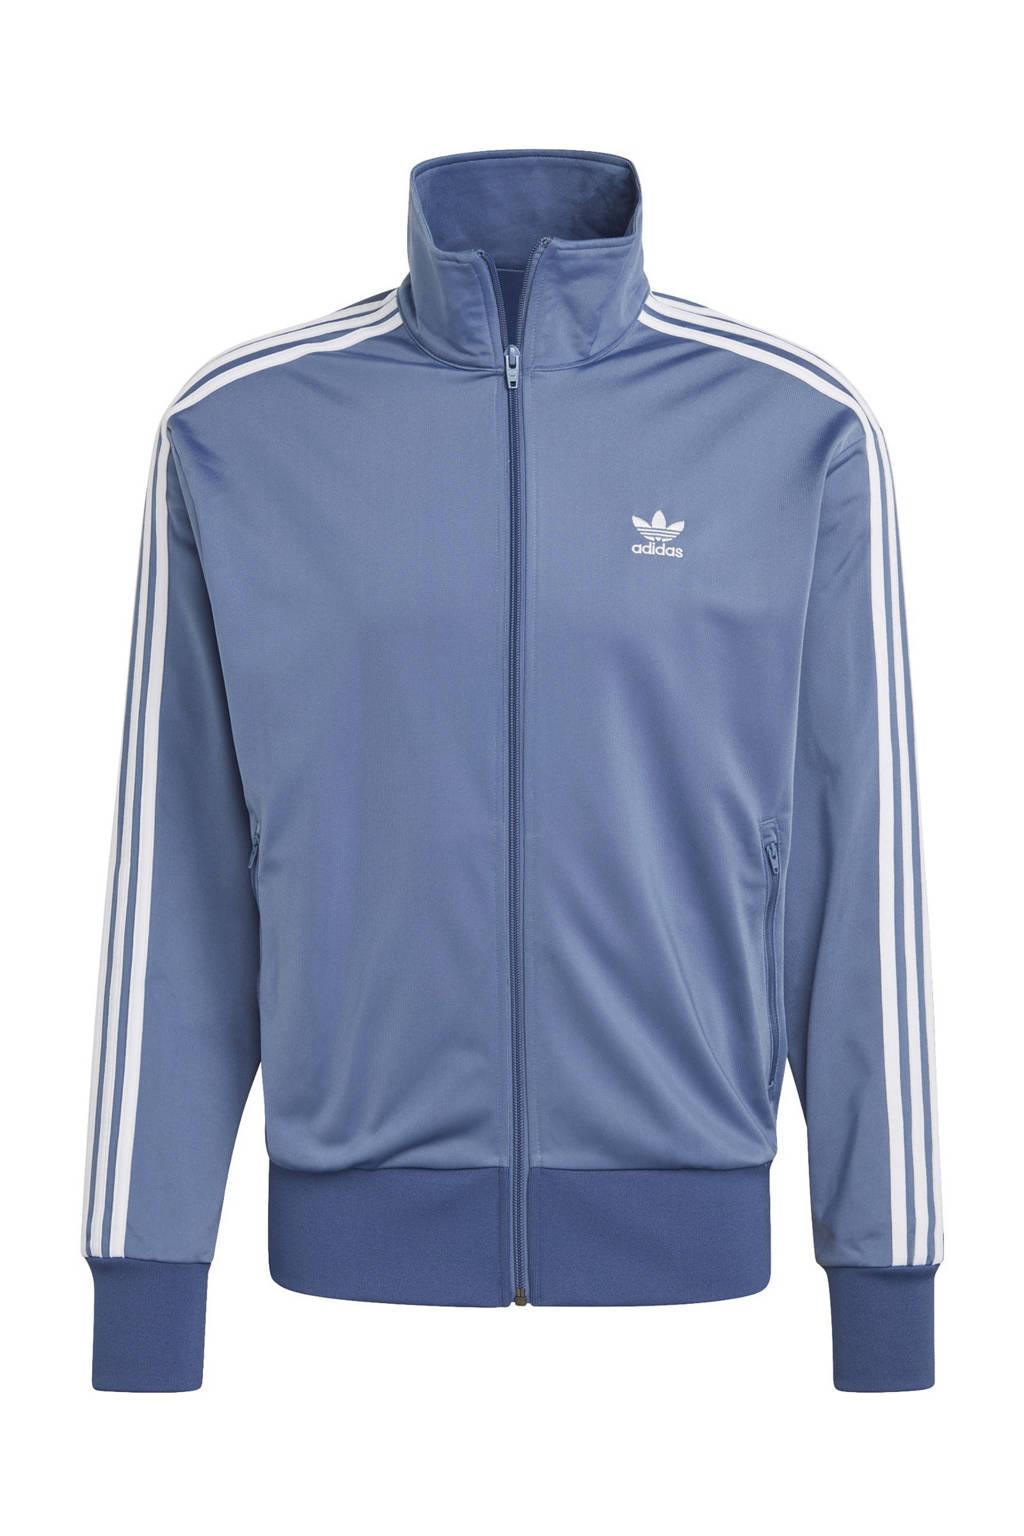 adidas Originals Adicolor vest blauw, Kobaltblauw